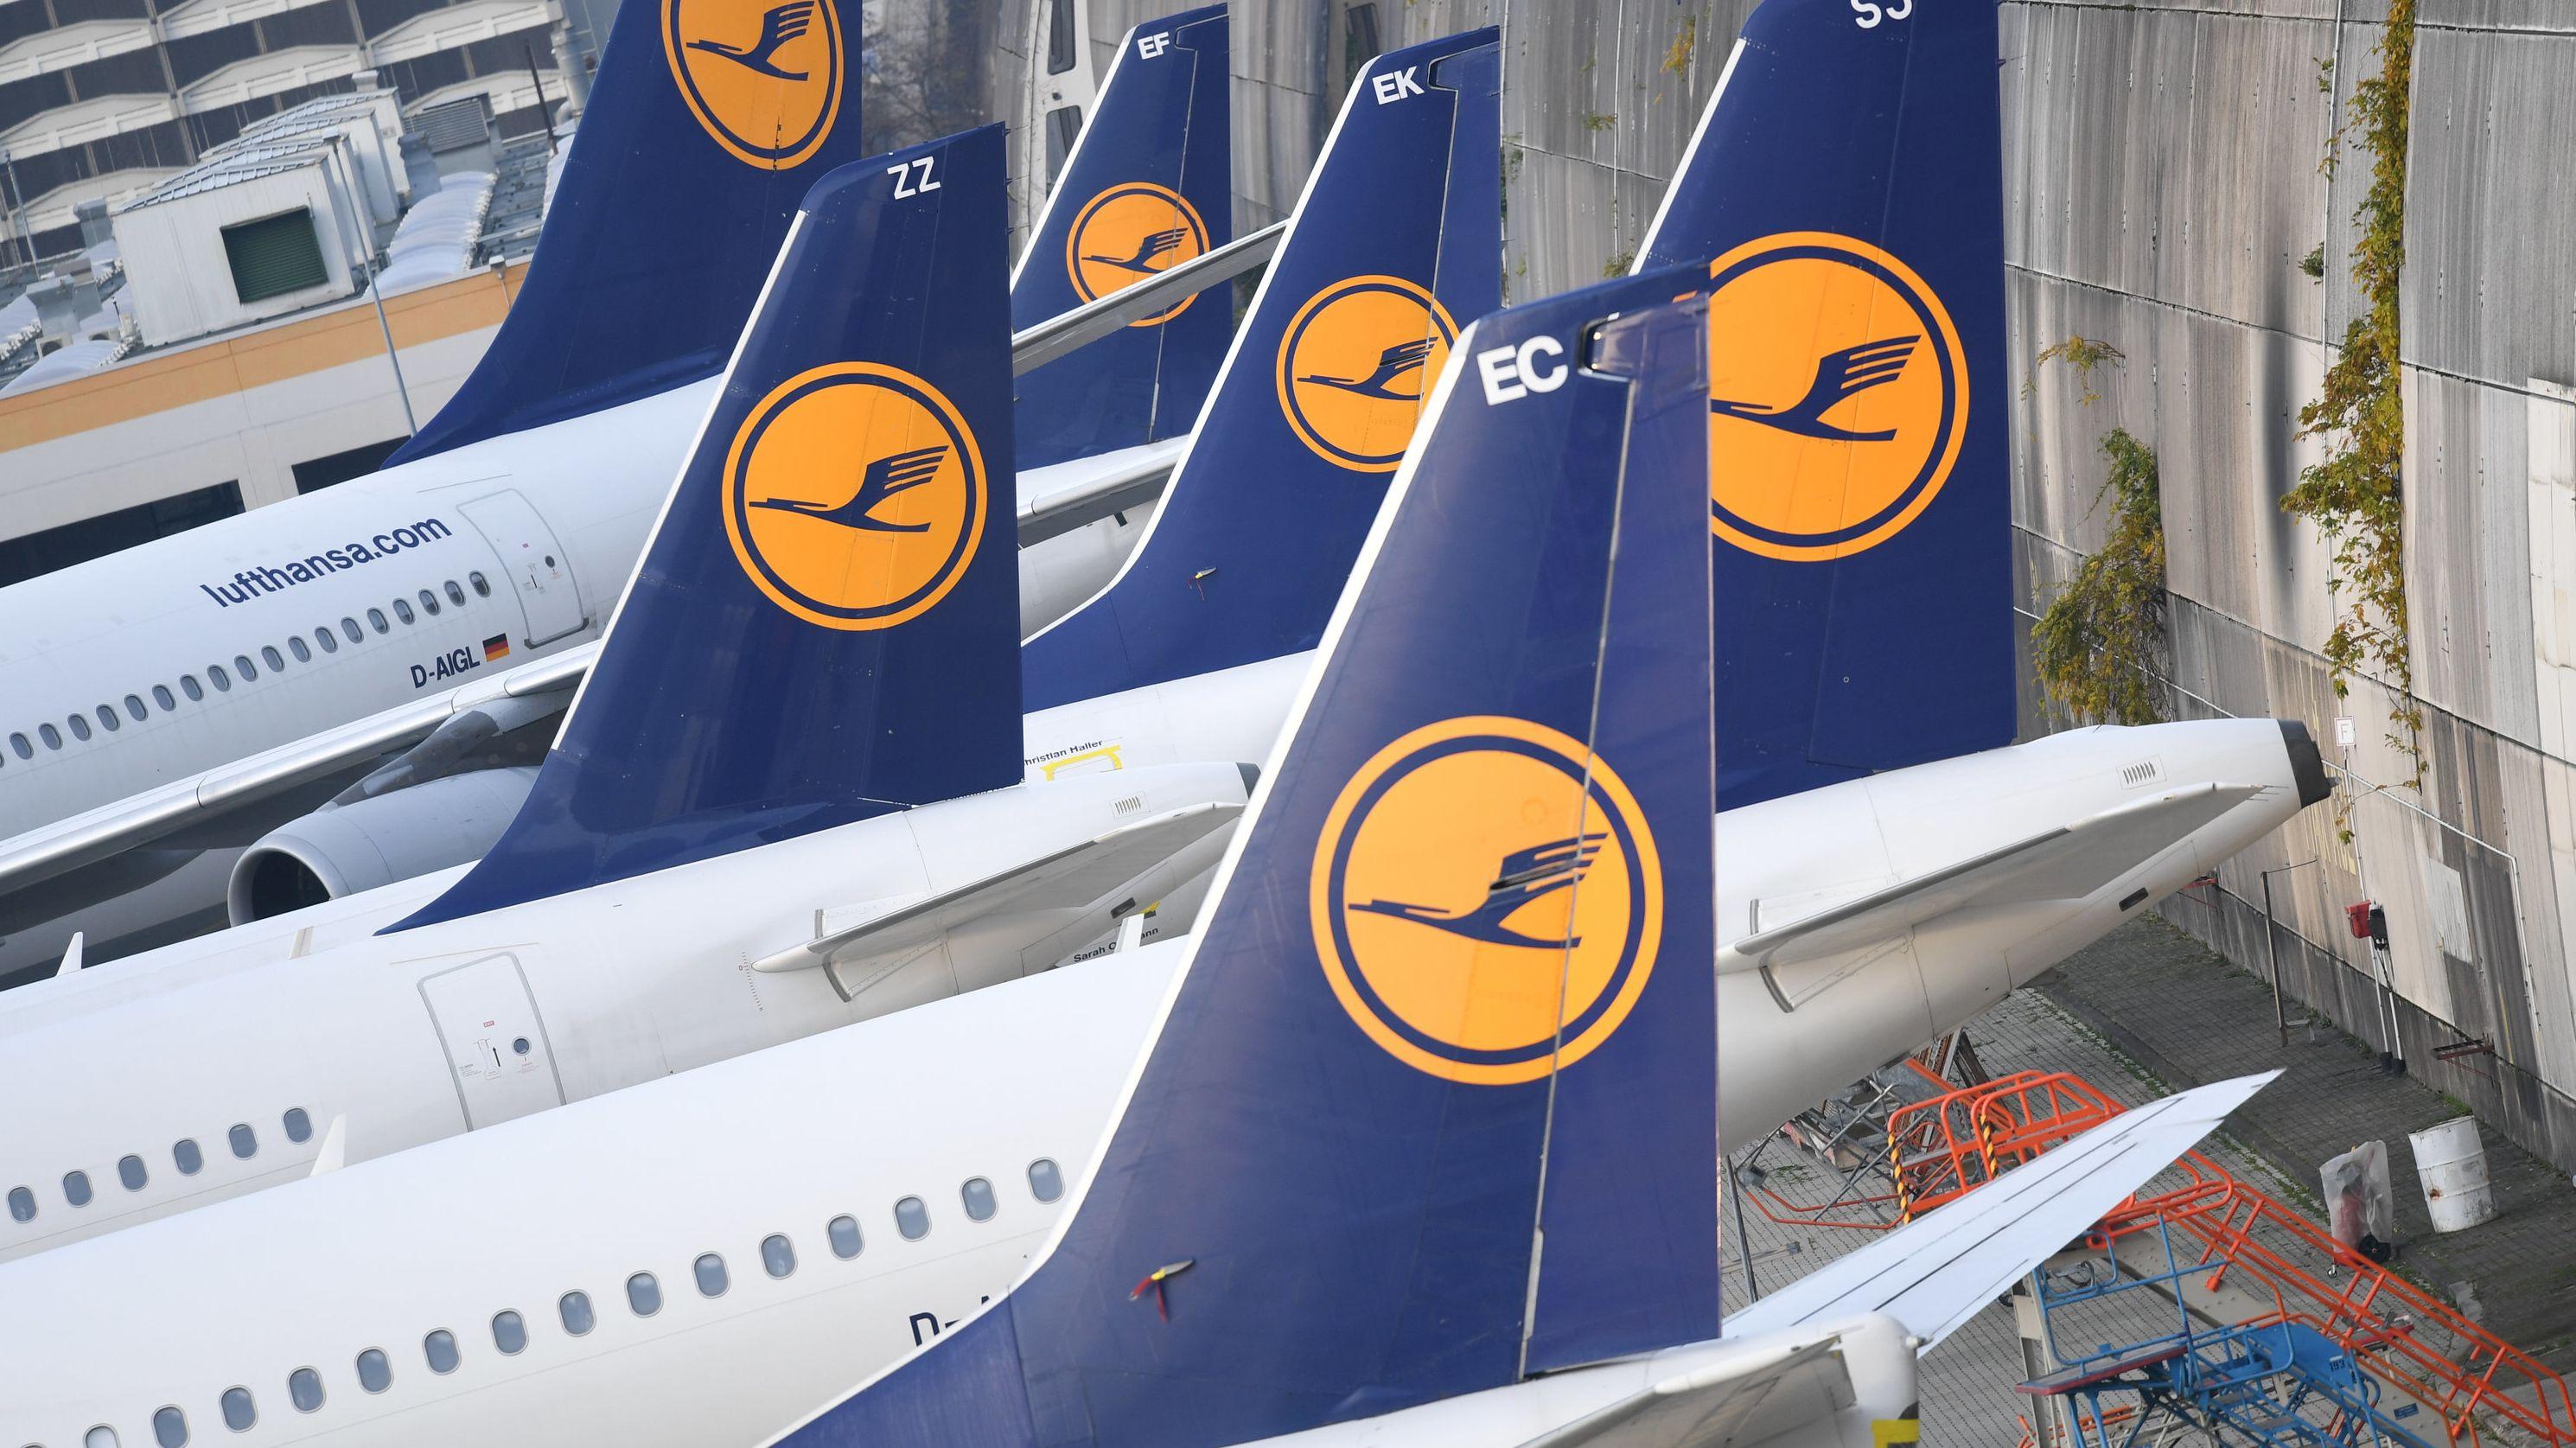 Lufthansa-Maschinen parken am Rande des Vorfeldes in Frankfurt